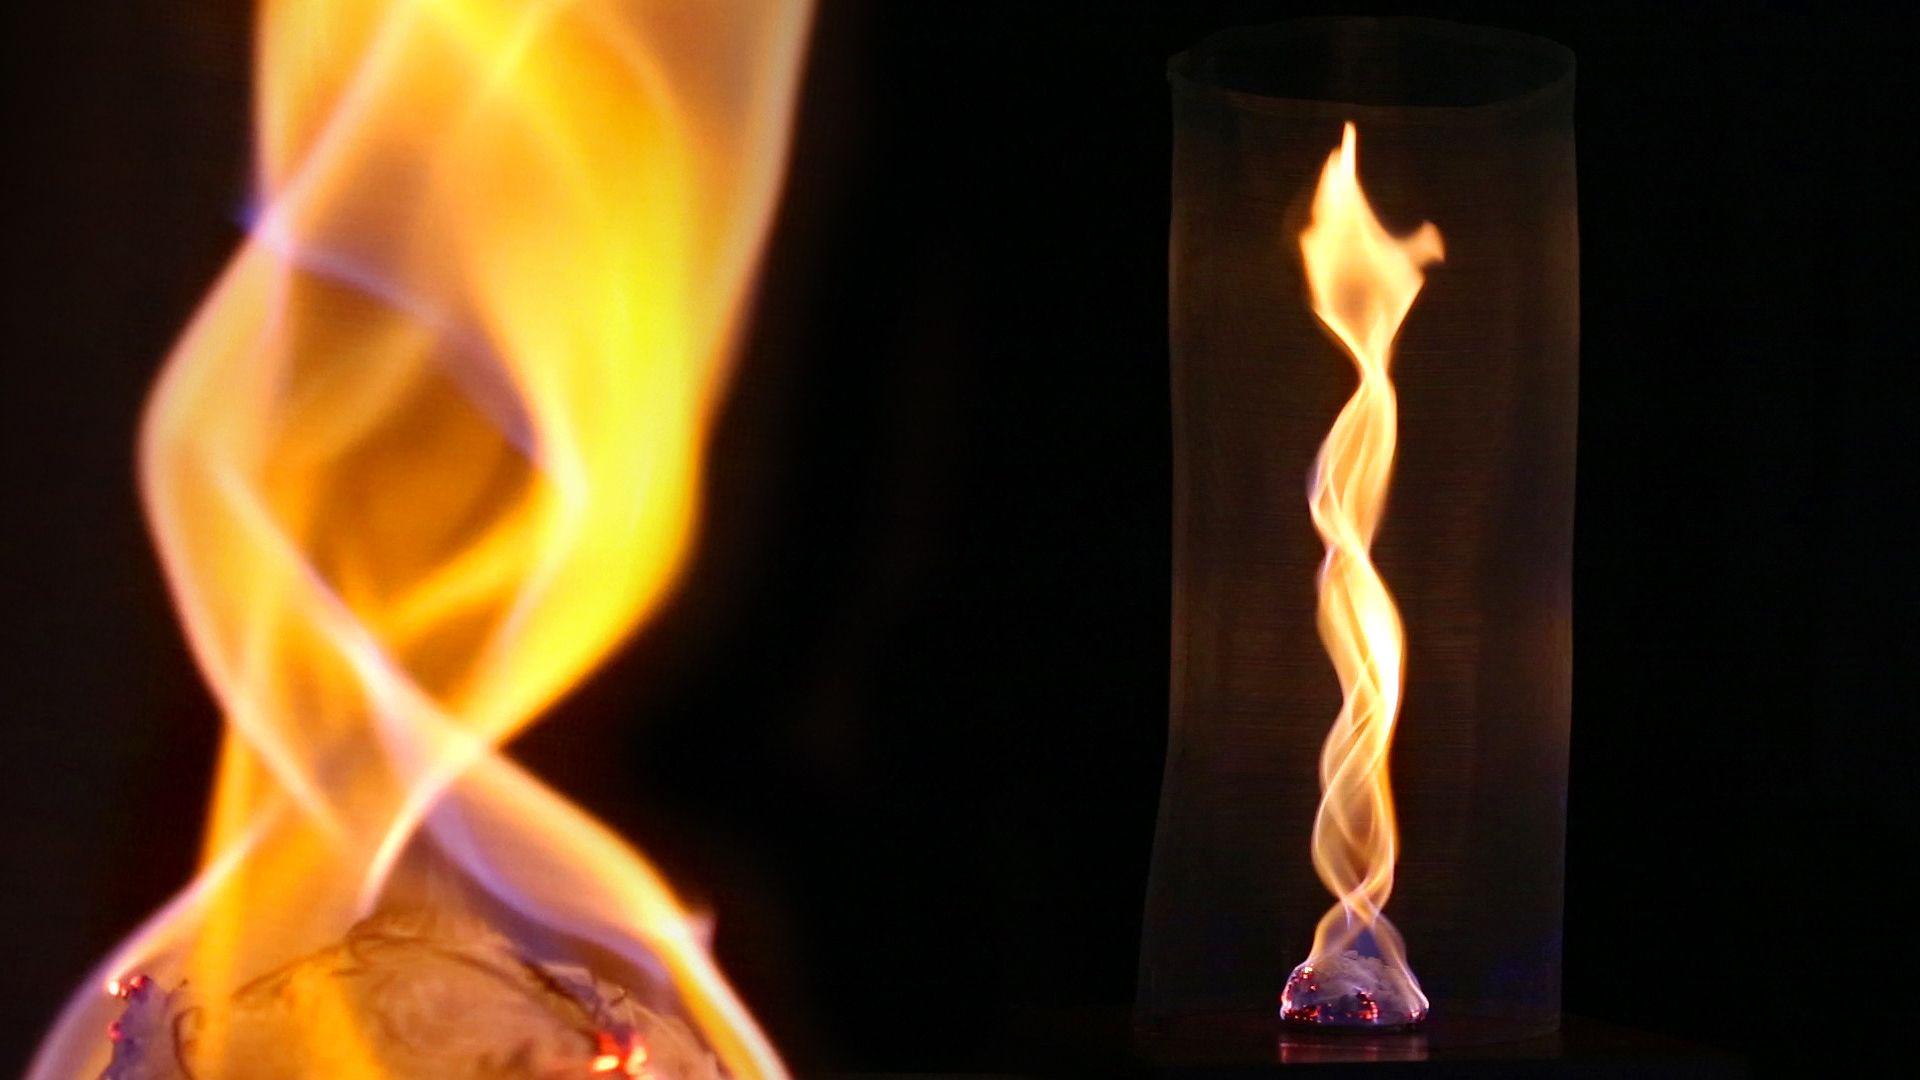 Veja como criar um surpreendente furacão luminoso! ATENÇÃO: experiências com fogo devem ser feitas na companhia de um adulto e fora de